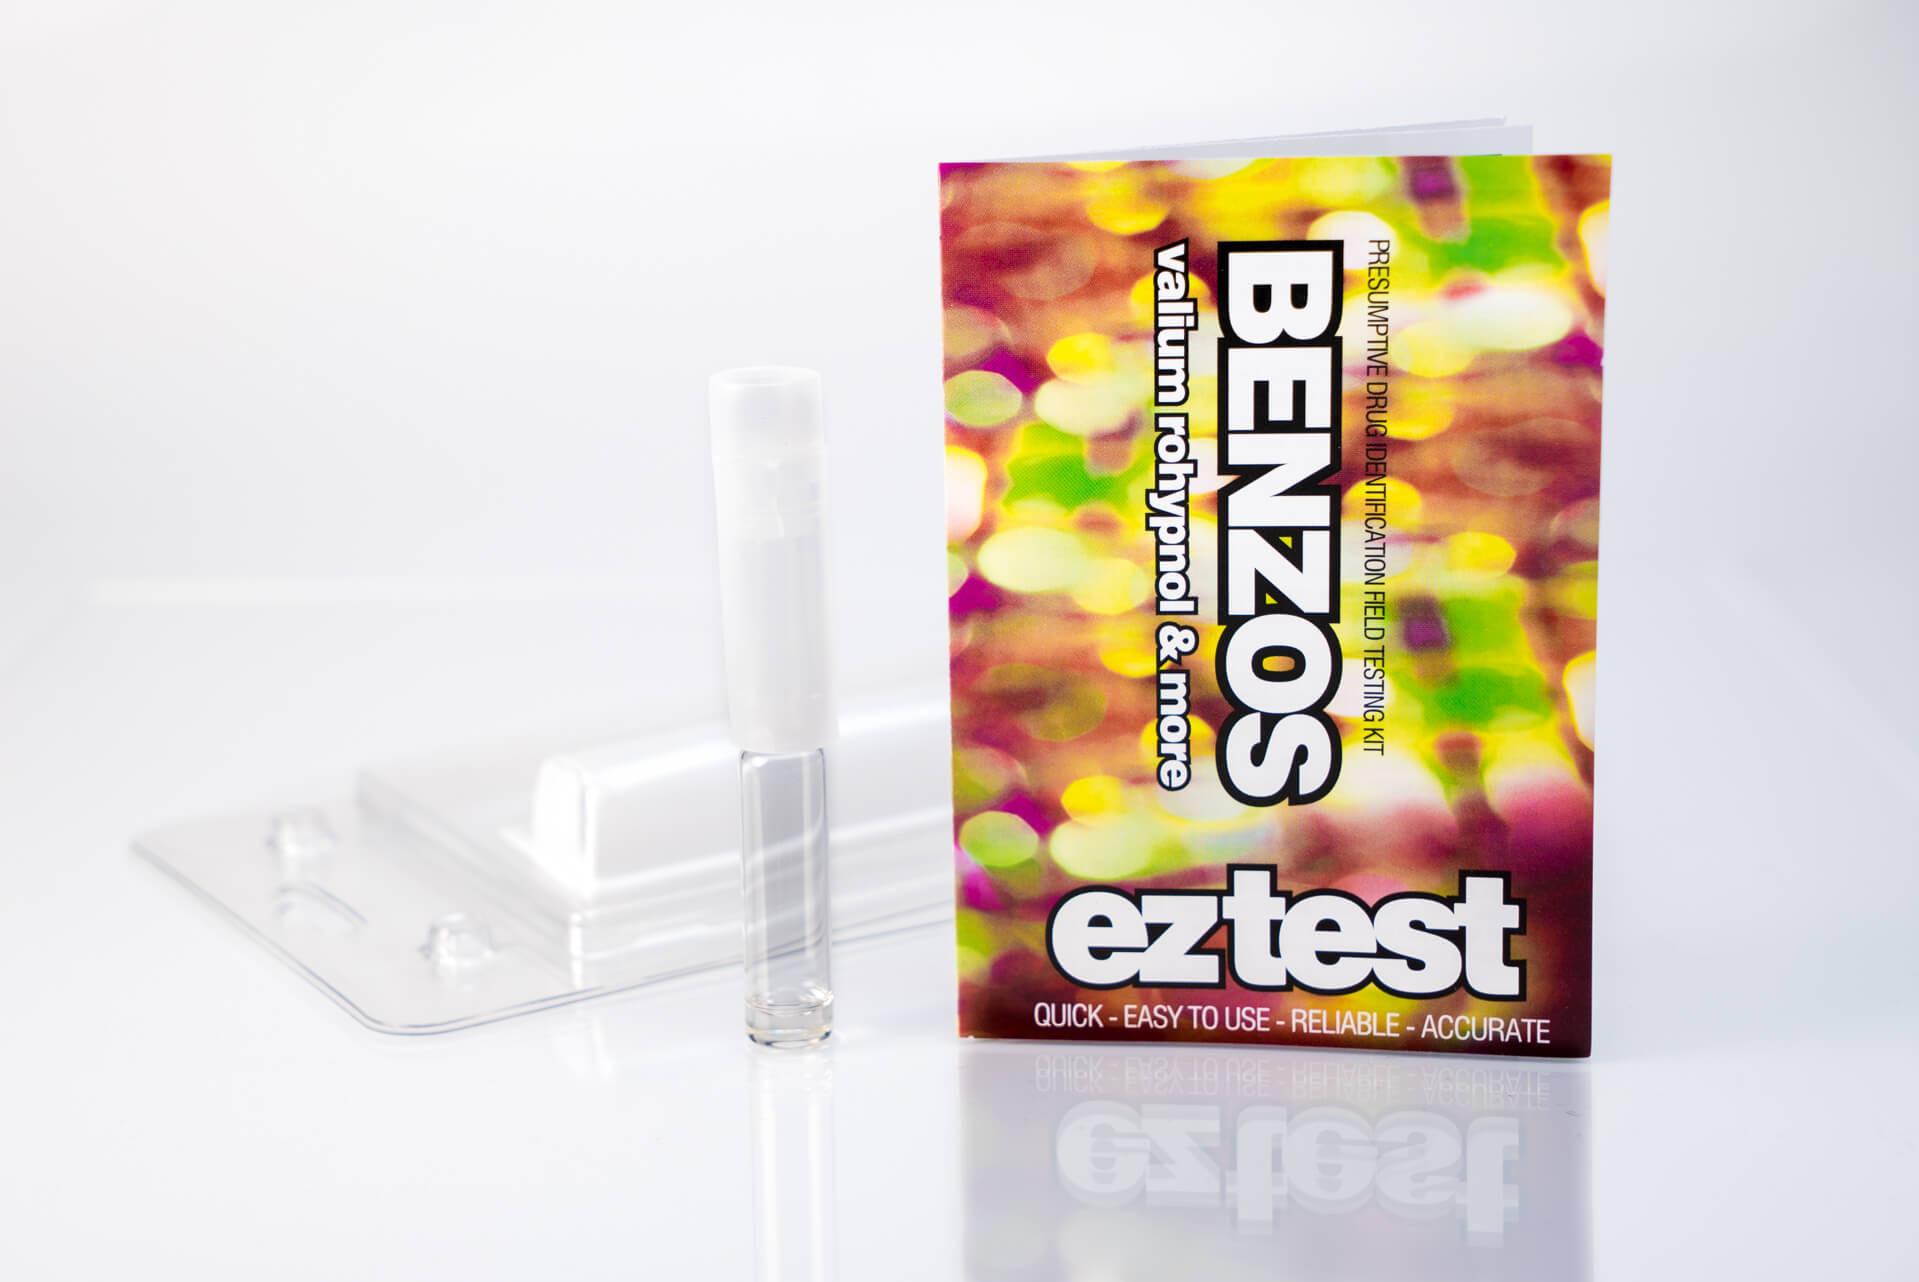 Kit de Pruebas de Benzodiacepinas de Uso Único